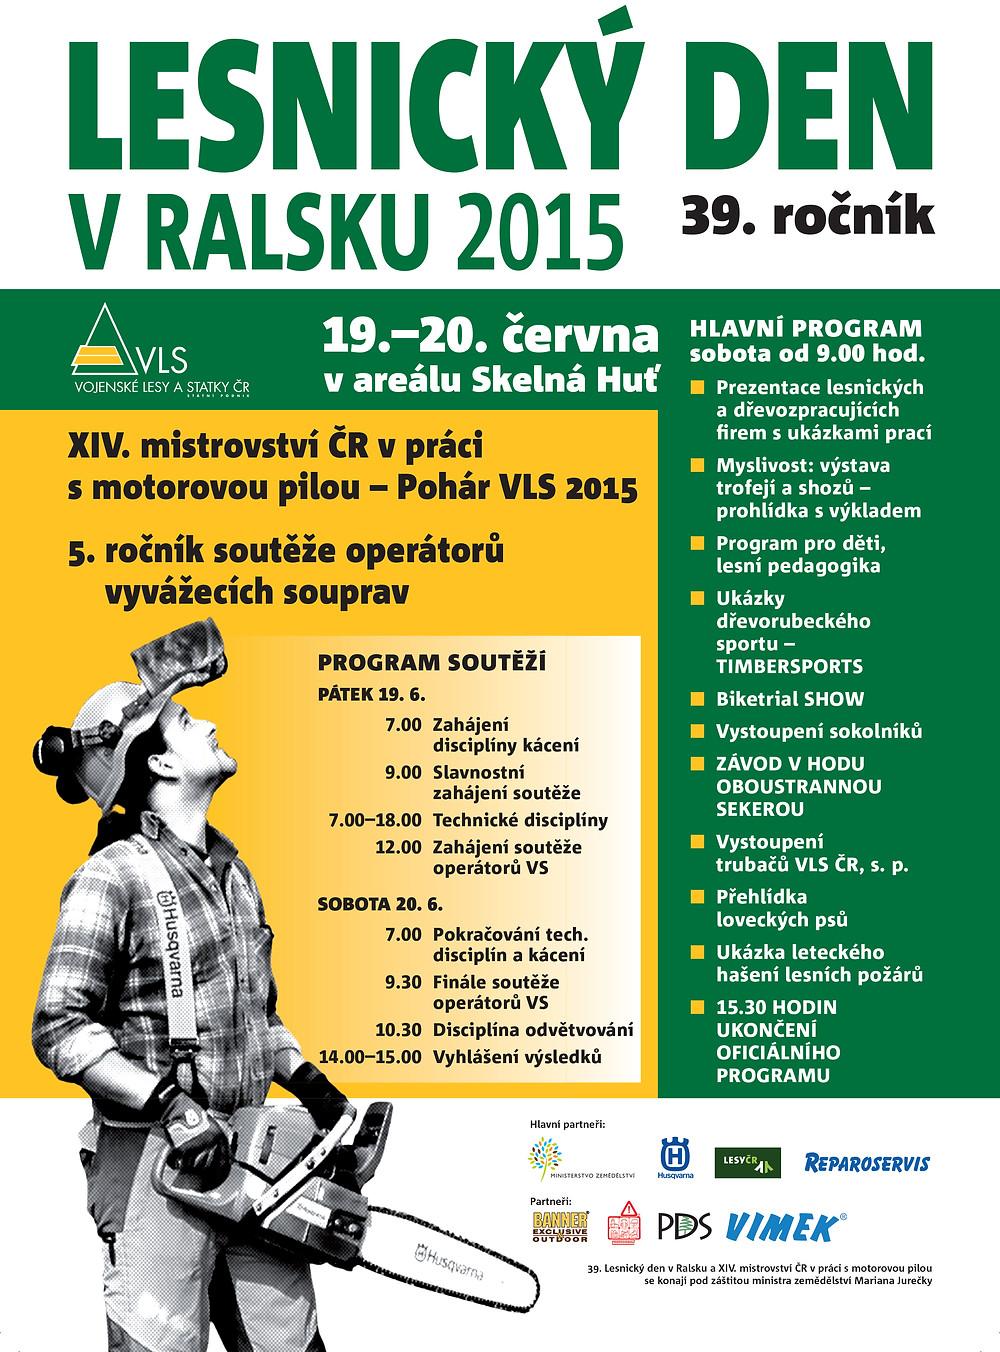 pozvanka-vls_lesnicky_den_v_ralsku_39_rocnik.jpg